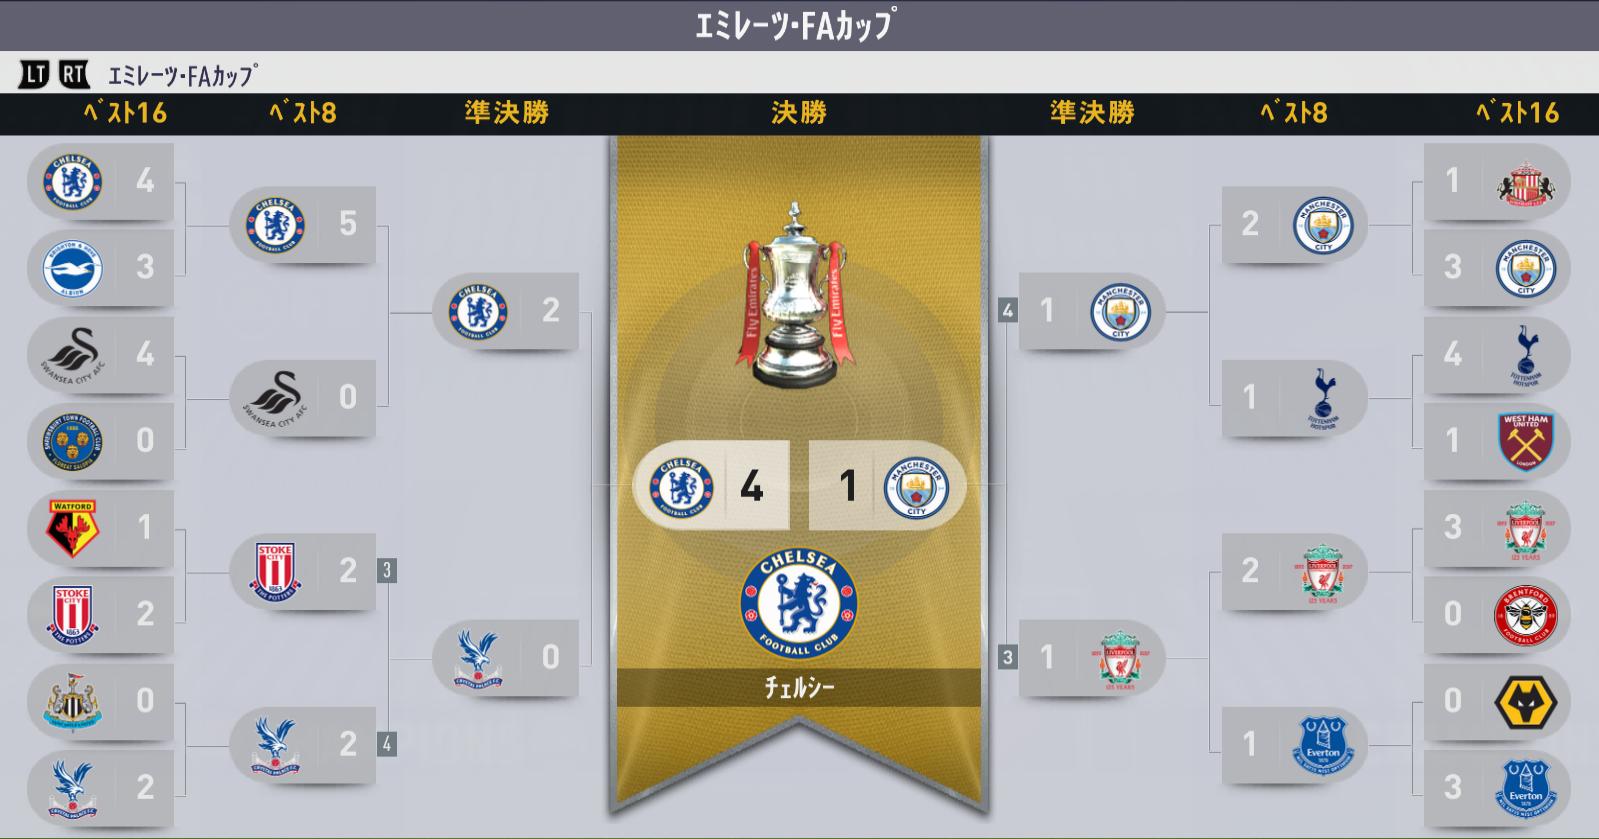 18-19 シーズン終了 FA結果